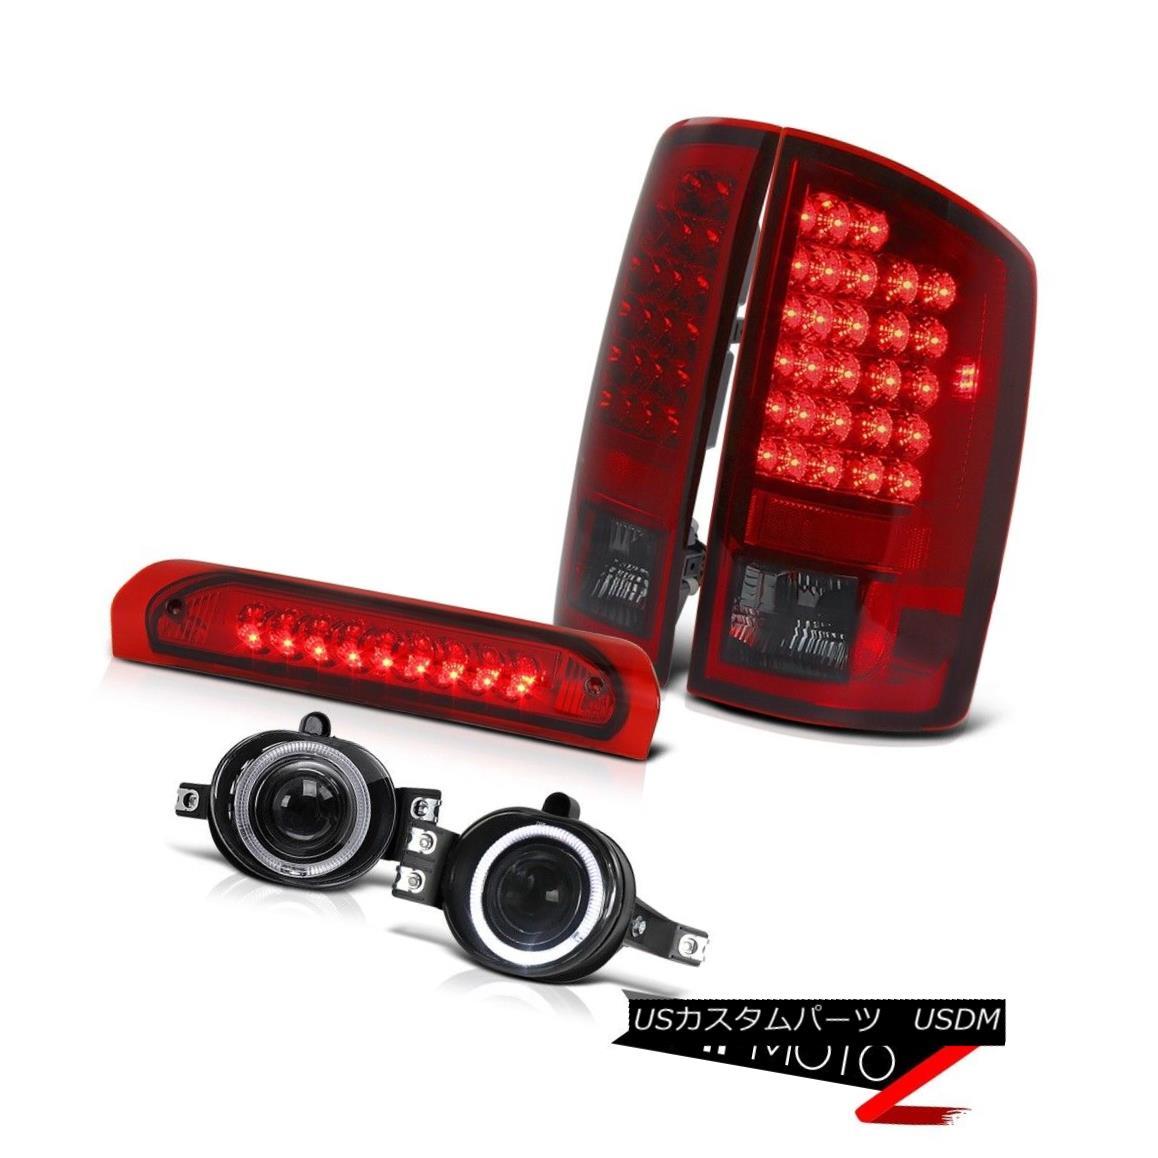 テールライト L+R Dodge RAM 02-06 SMOKEY LED Taillight+3rd Brake+Halo Projector Fog Lamp COMBO L + RドッジRAM 02-06 SMOKEY LEDテールライト+ 3rdブレーキ+ハロープロジェクターフォグランプCOMBO